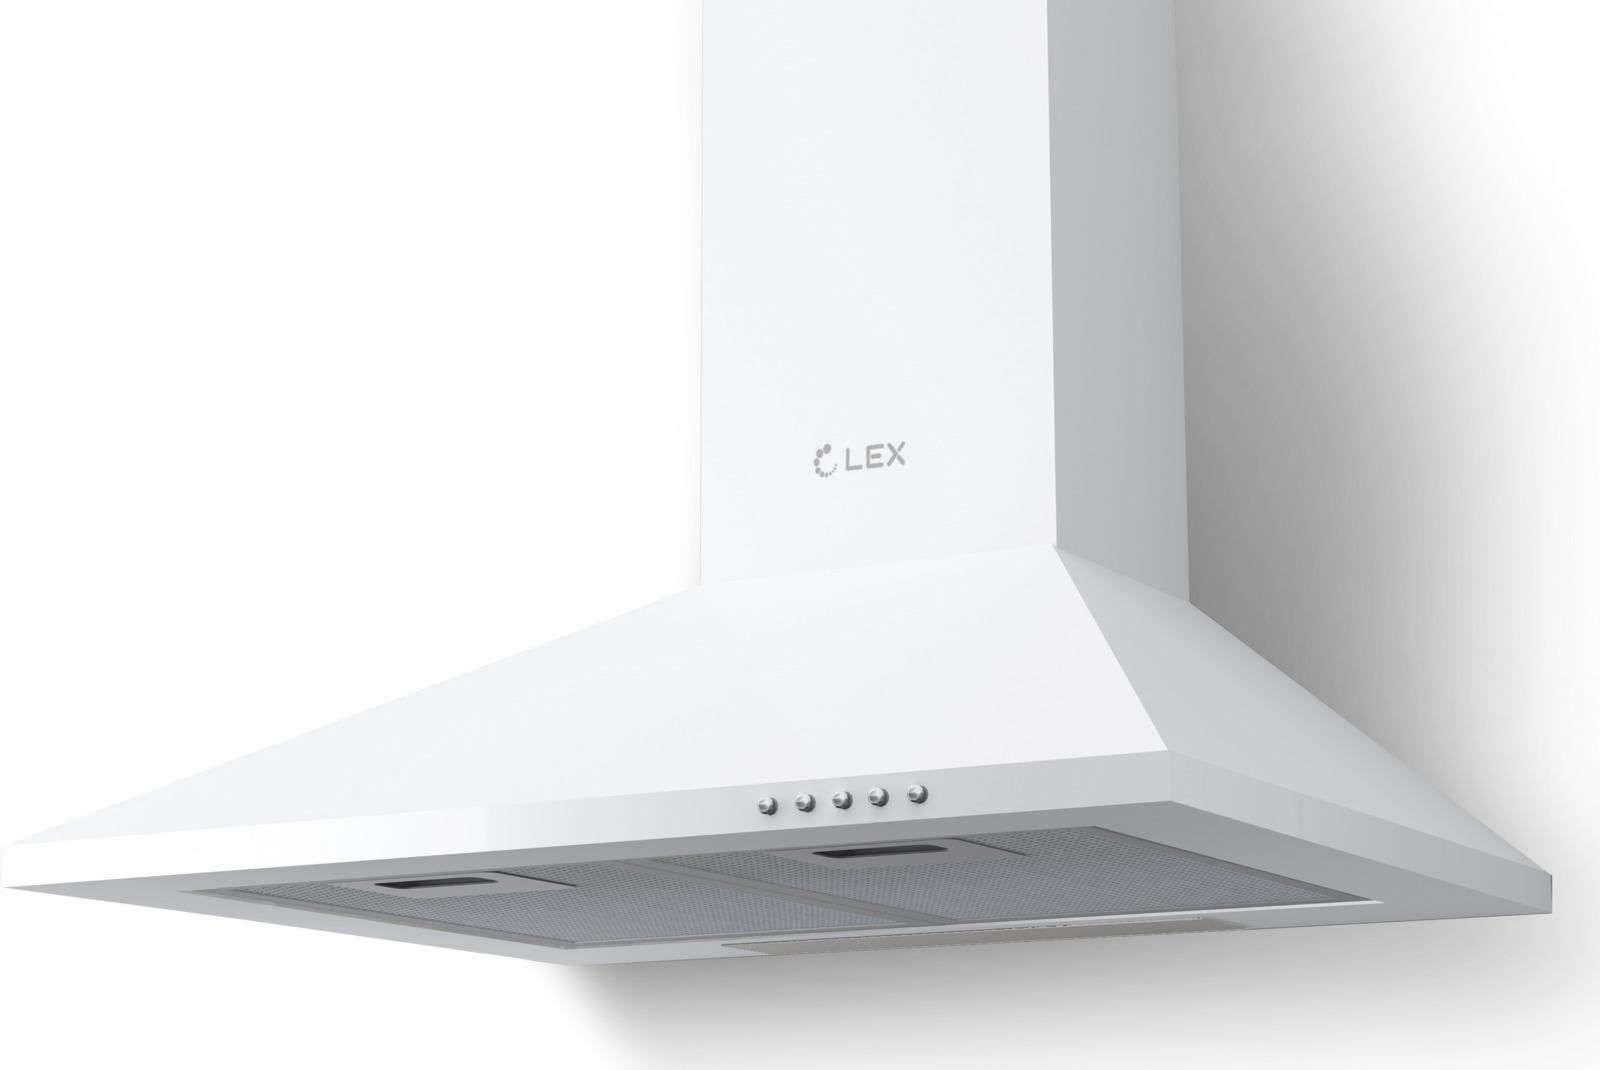 Вытяжка каминная Lex Basic 600, белый вытяжка каминная lex plaza 600 черный управление сенсорное 1 мотор [chat000050]